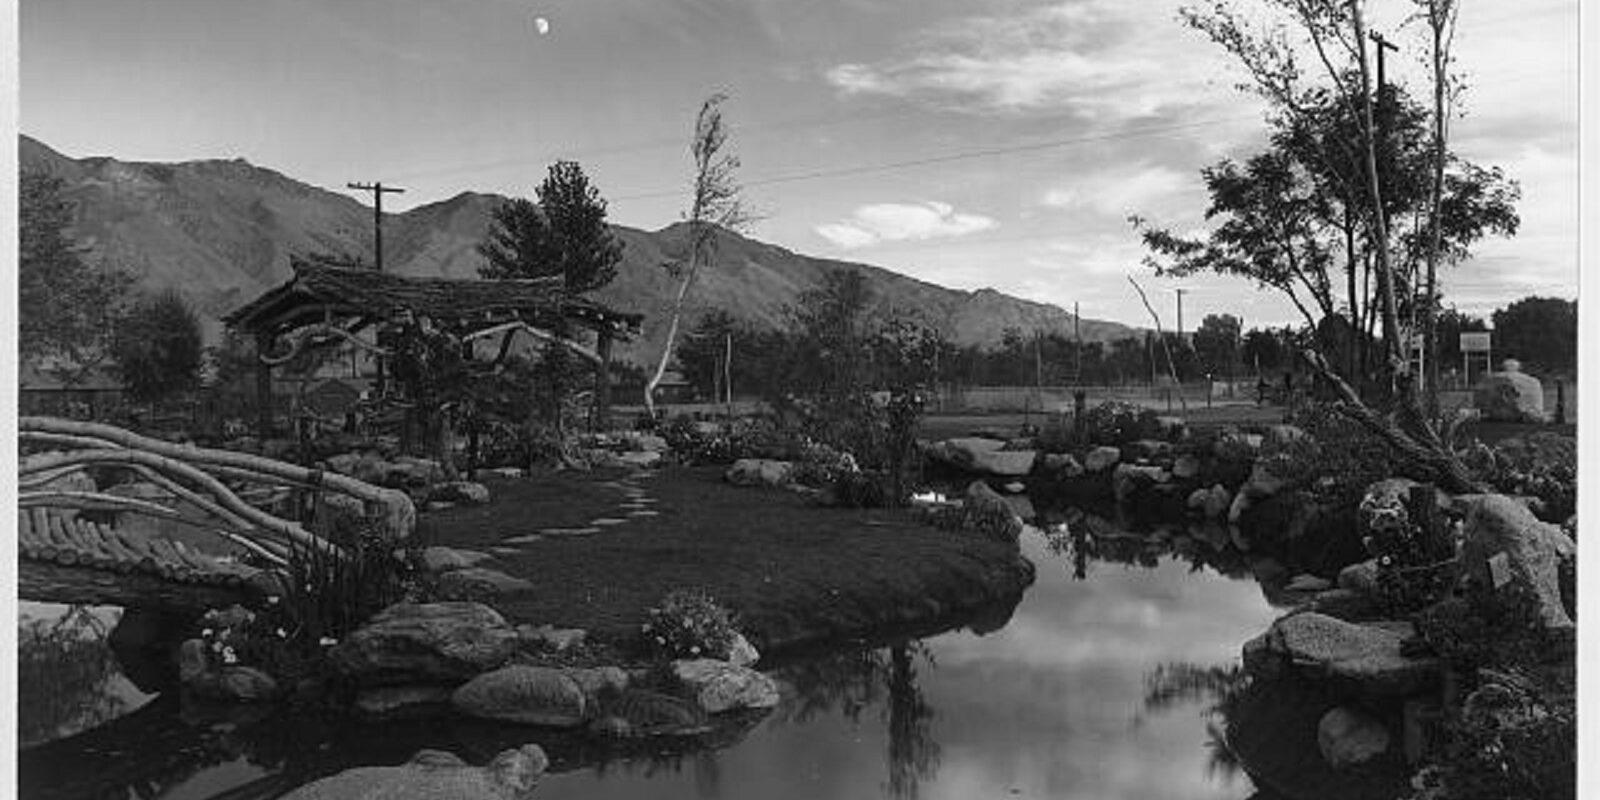 Pool in Pleasure Park (1943)